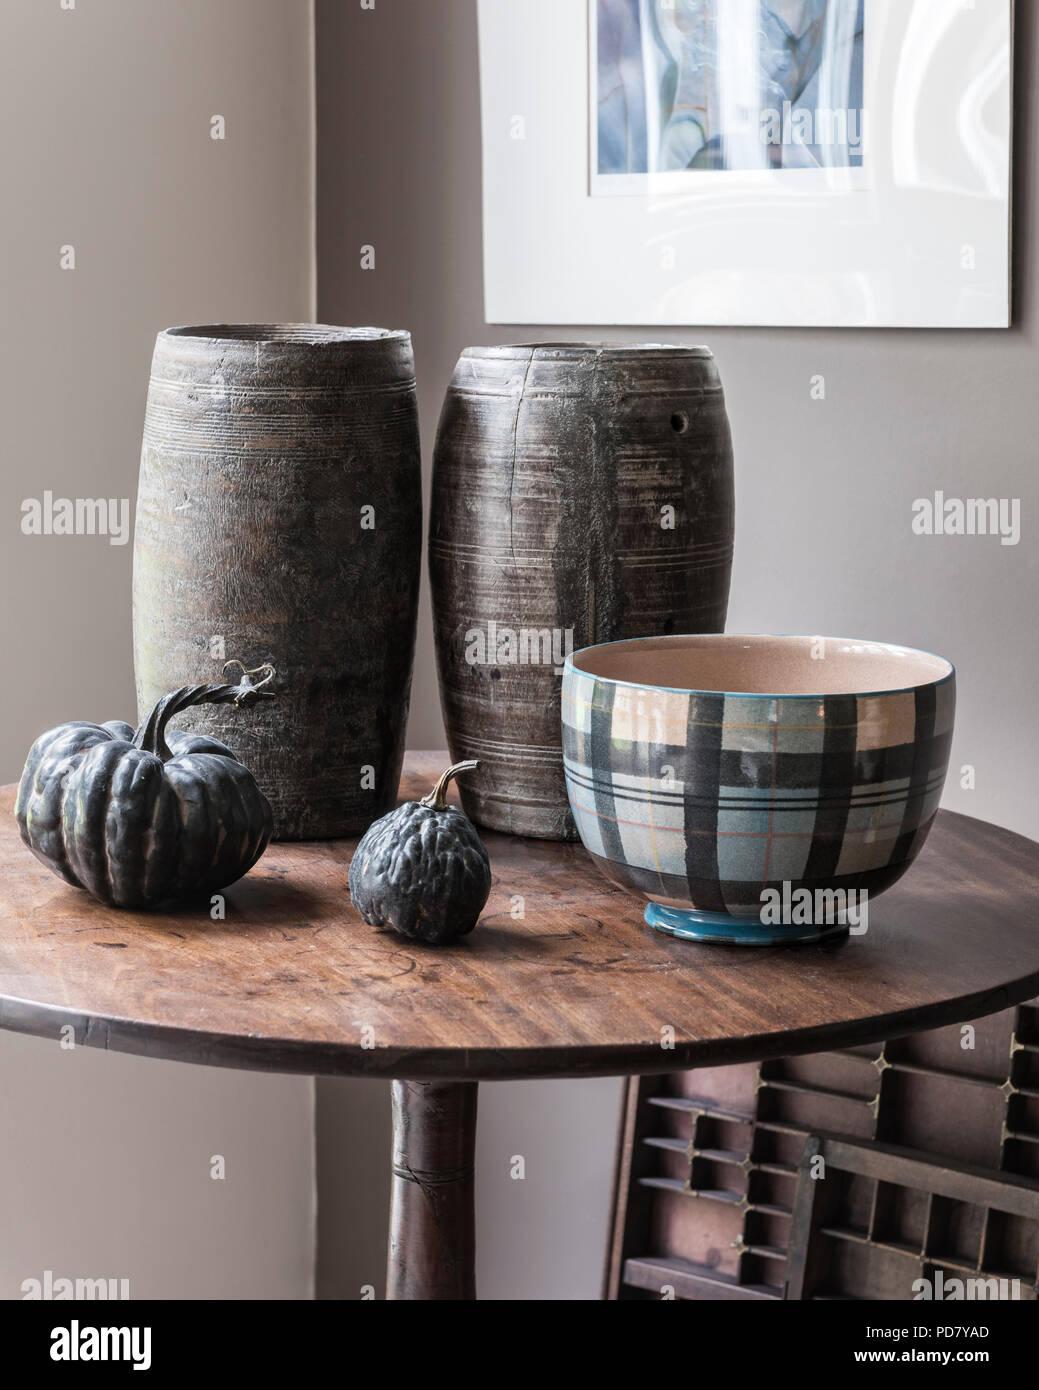 Deux pots en bois en provenance d'Afrique du Sud s'affichent sur une petite table dans le salon avec un bol et des calebasses séchées d'Anta. Banque D'Images